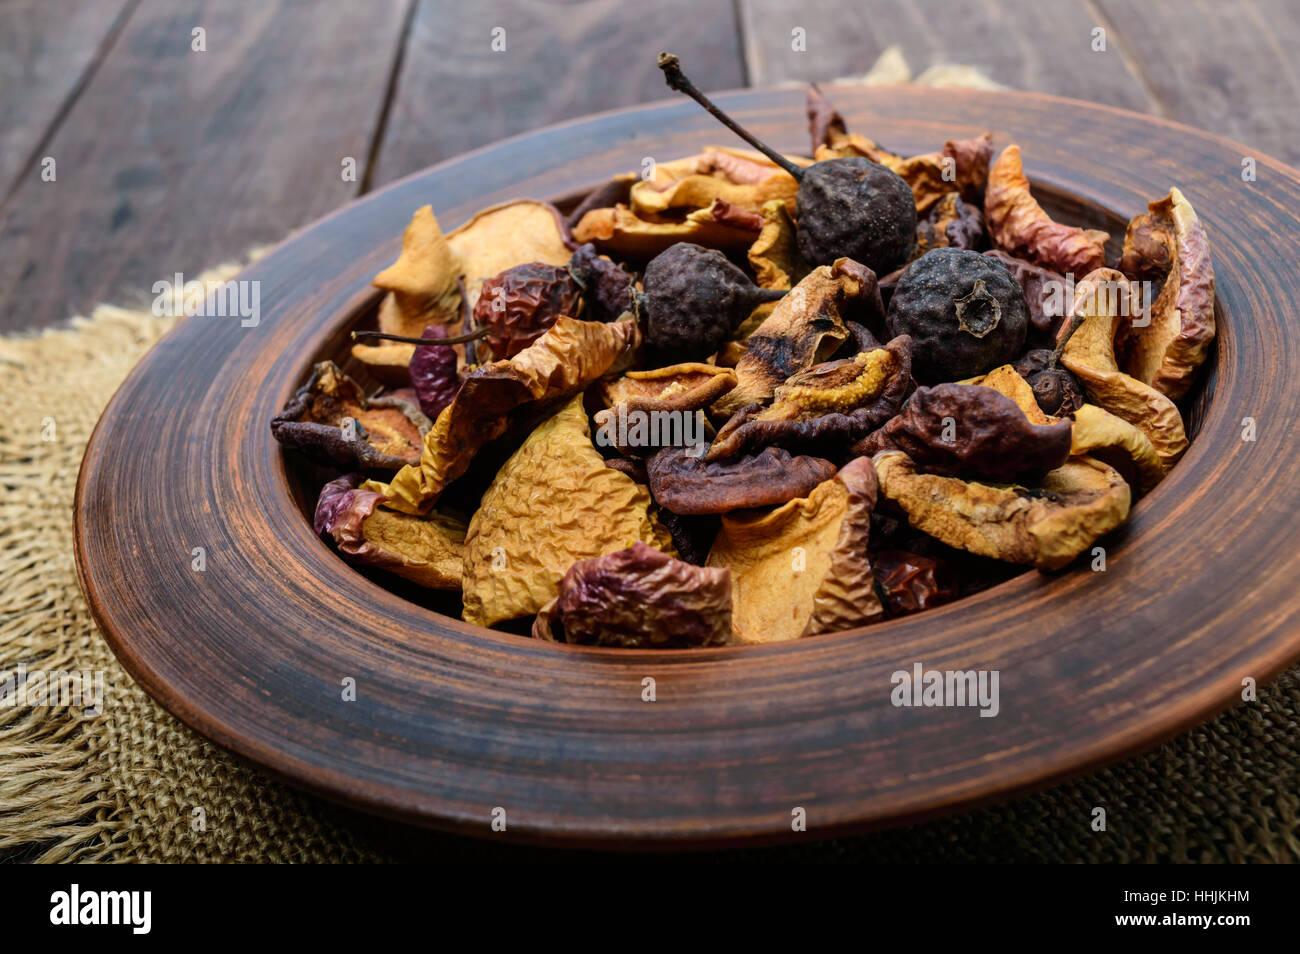 Fruits secs (pommes, poires, abricots), de baies dans un bol sur fond de bois sombre. Close up. Ingrédients Photo Stock